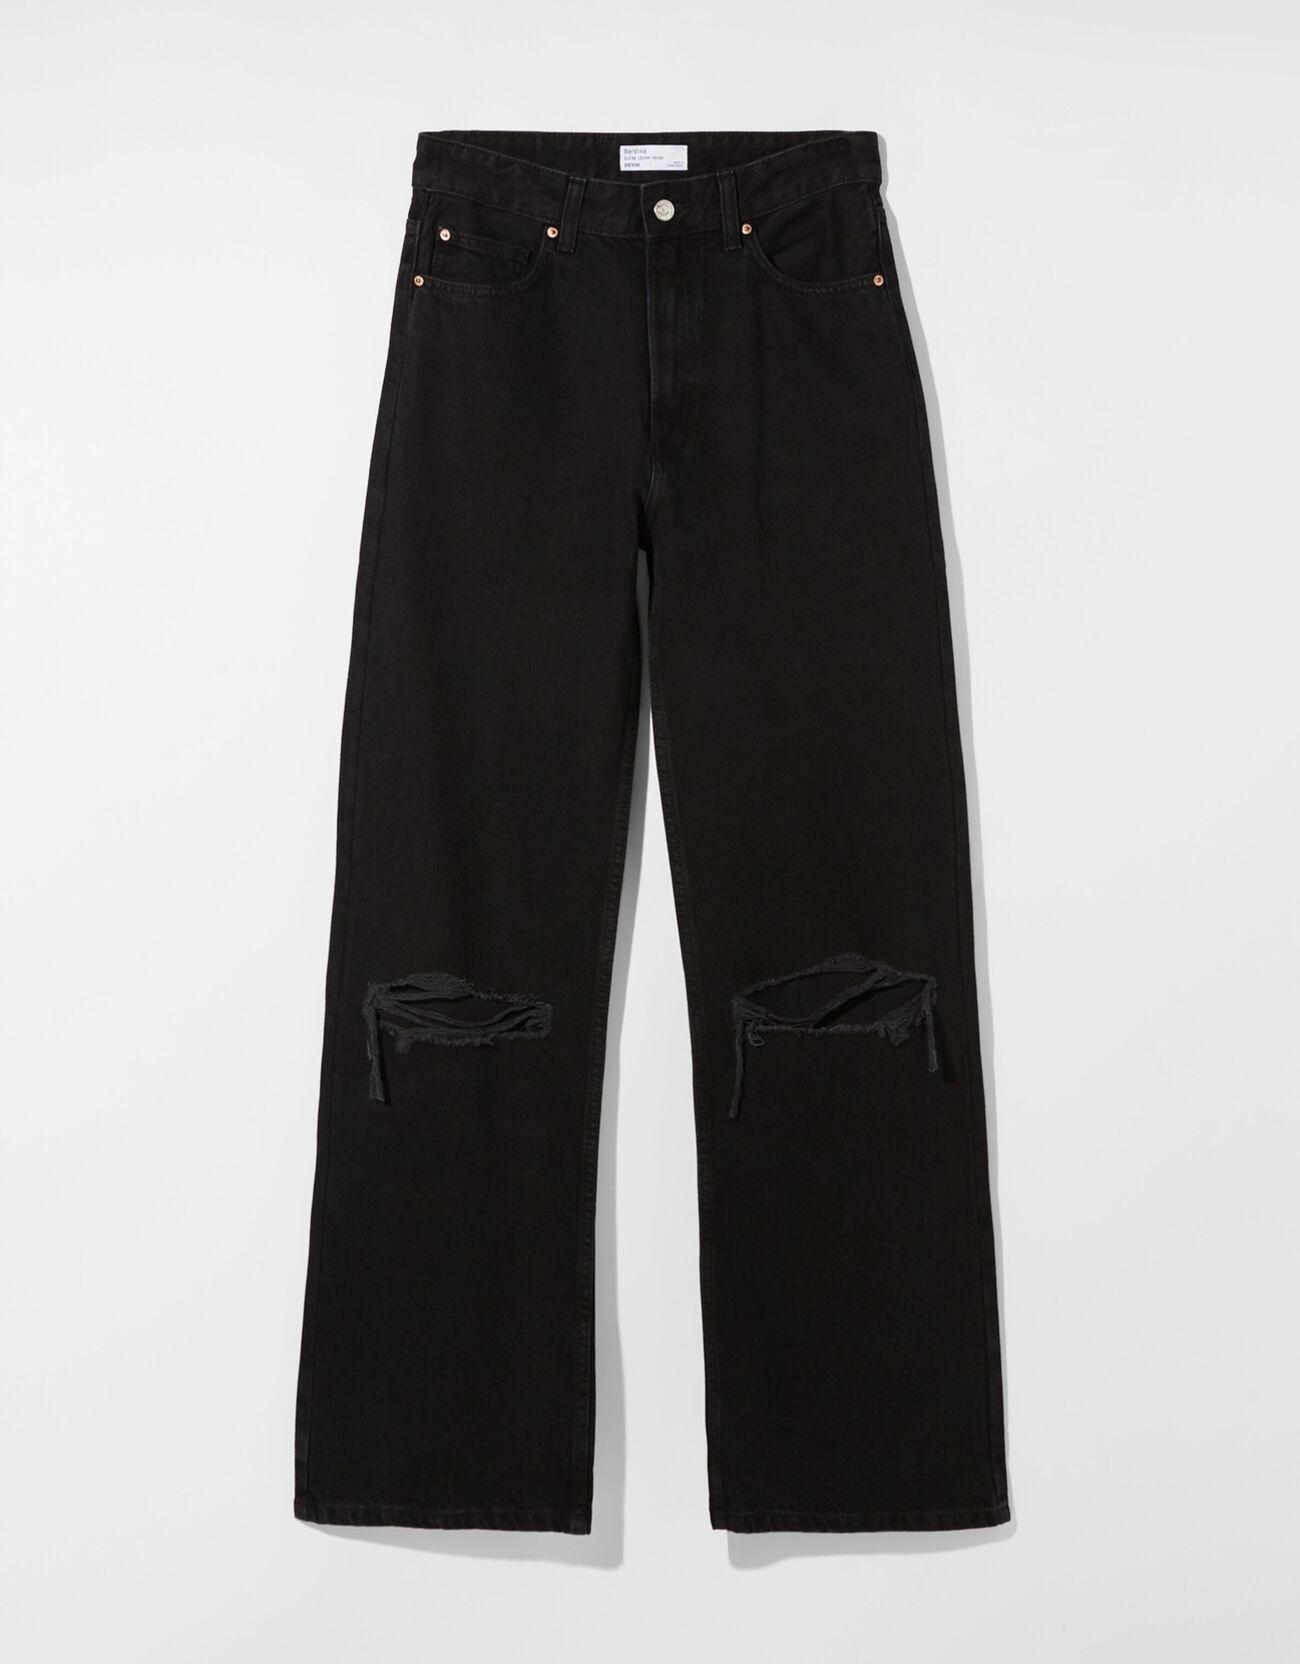 Джинсы в стиле 90-х с широкими штанинами и разрезами Черный Bershka